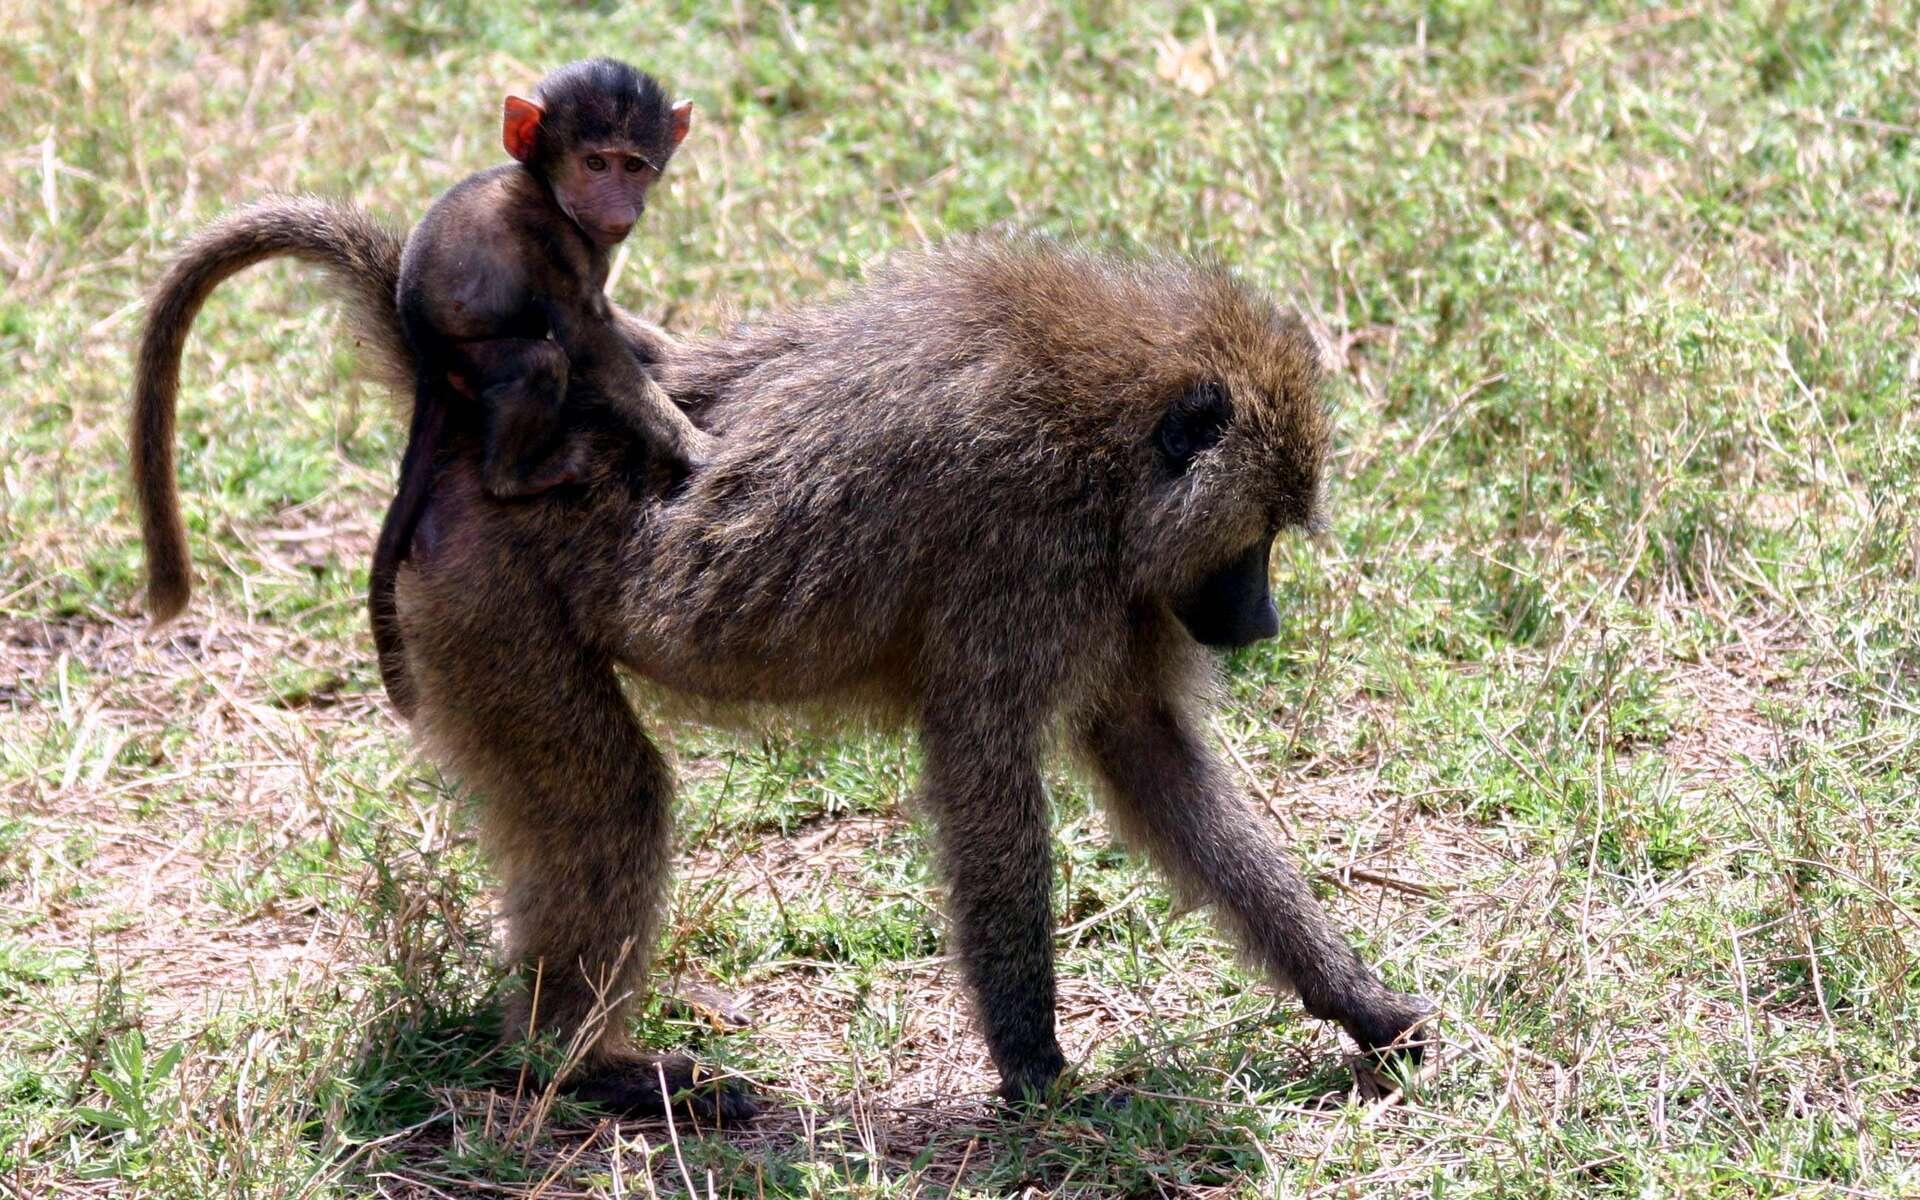 Une femelle babouin prend son petit sur son dos. Si les femelles qui s'occupent le plus souvent des progénitures, les mâles sont tout de même capables de tisser des liens avec leurs petits. © Charles J. Sharp, GNU 1.2